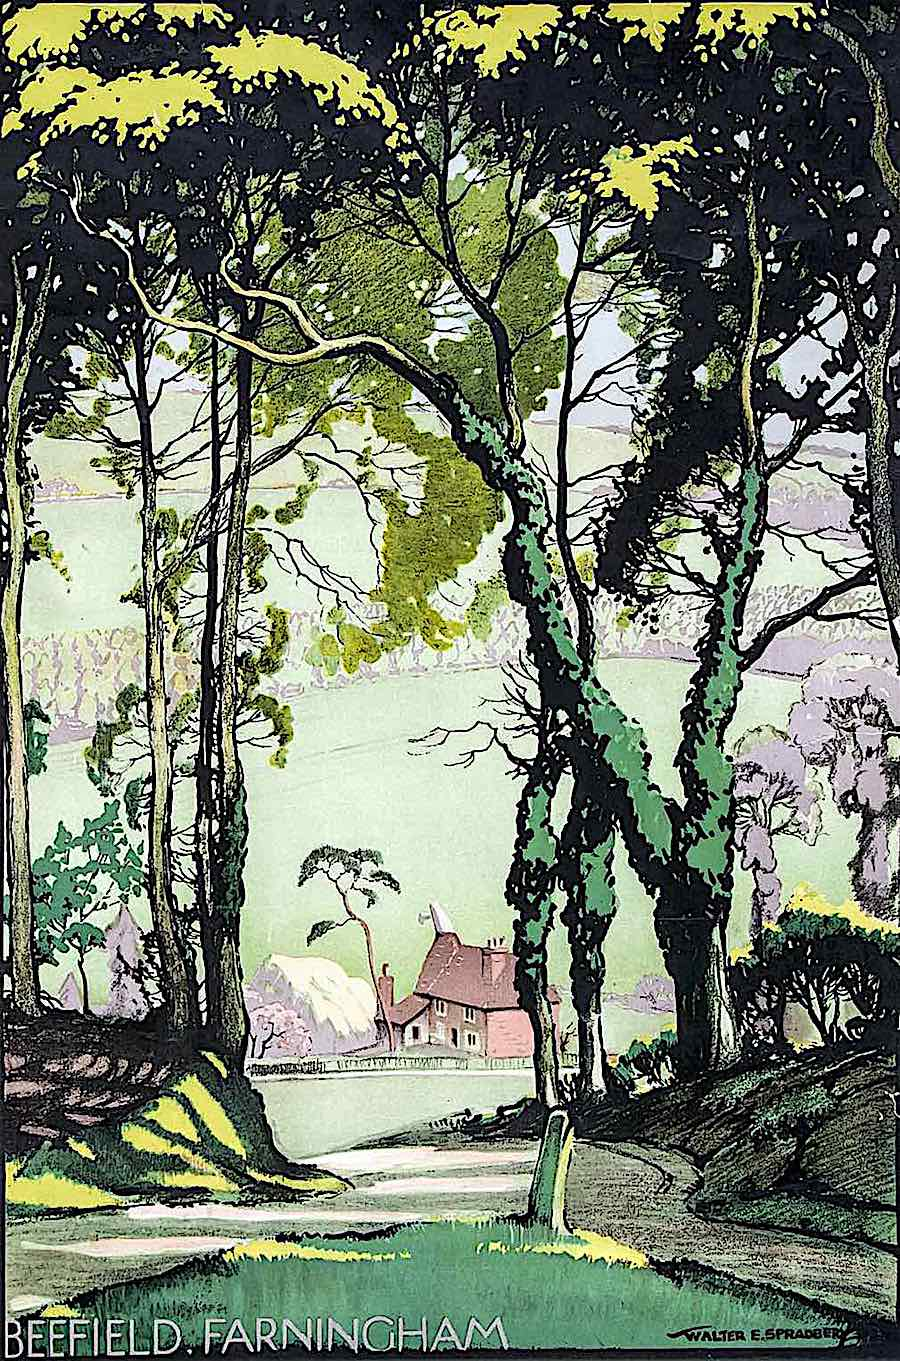 Walter Spradbery poster art for Beefield Farningham